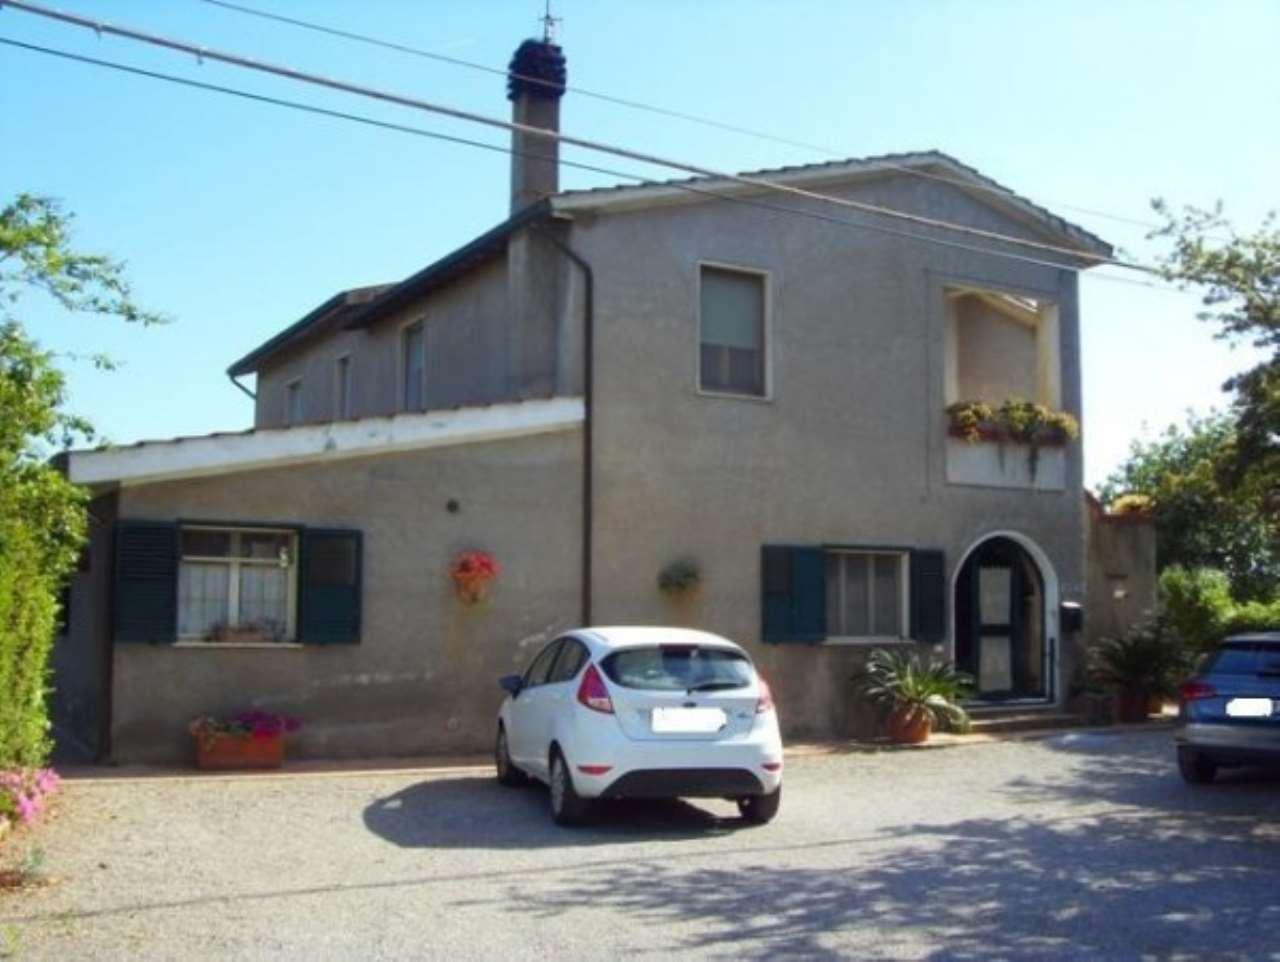 Rustico / Casale in vendita a Orbetello, 5 locali, prezzo € 170.000   CambioCasa.it